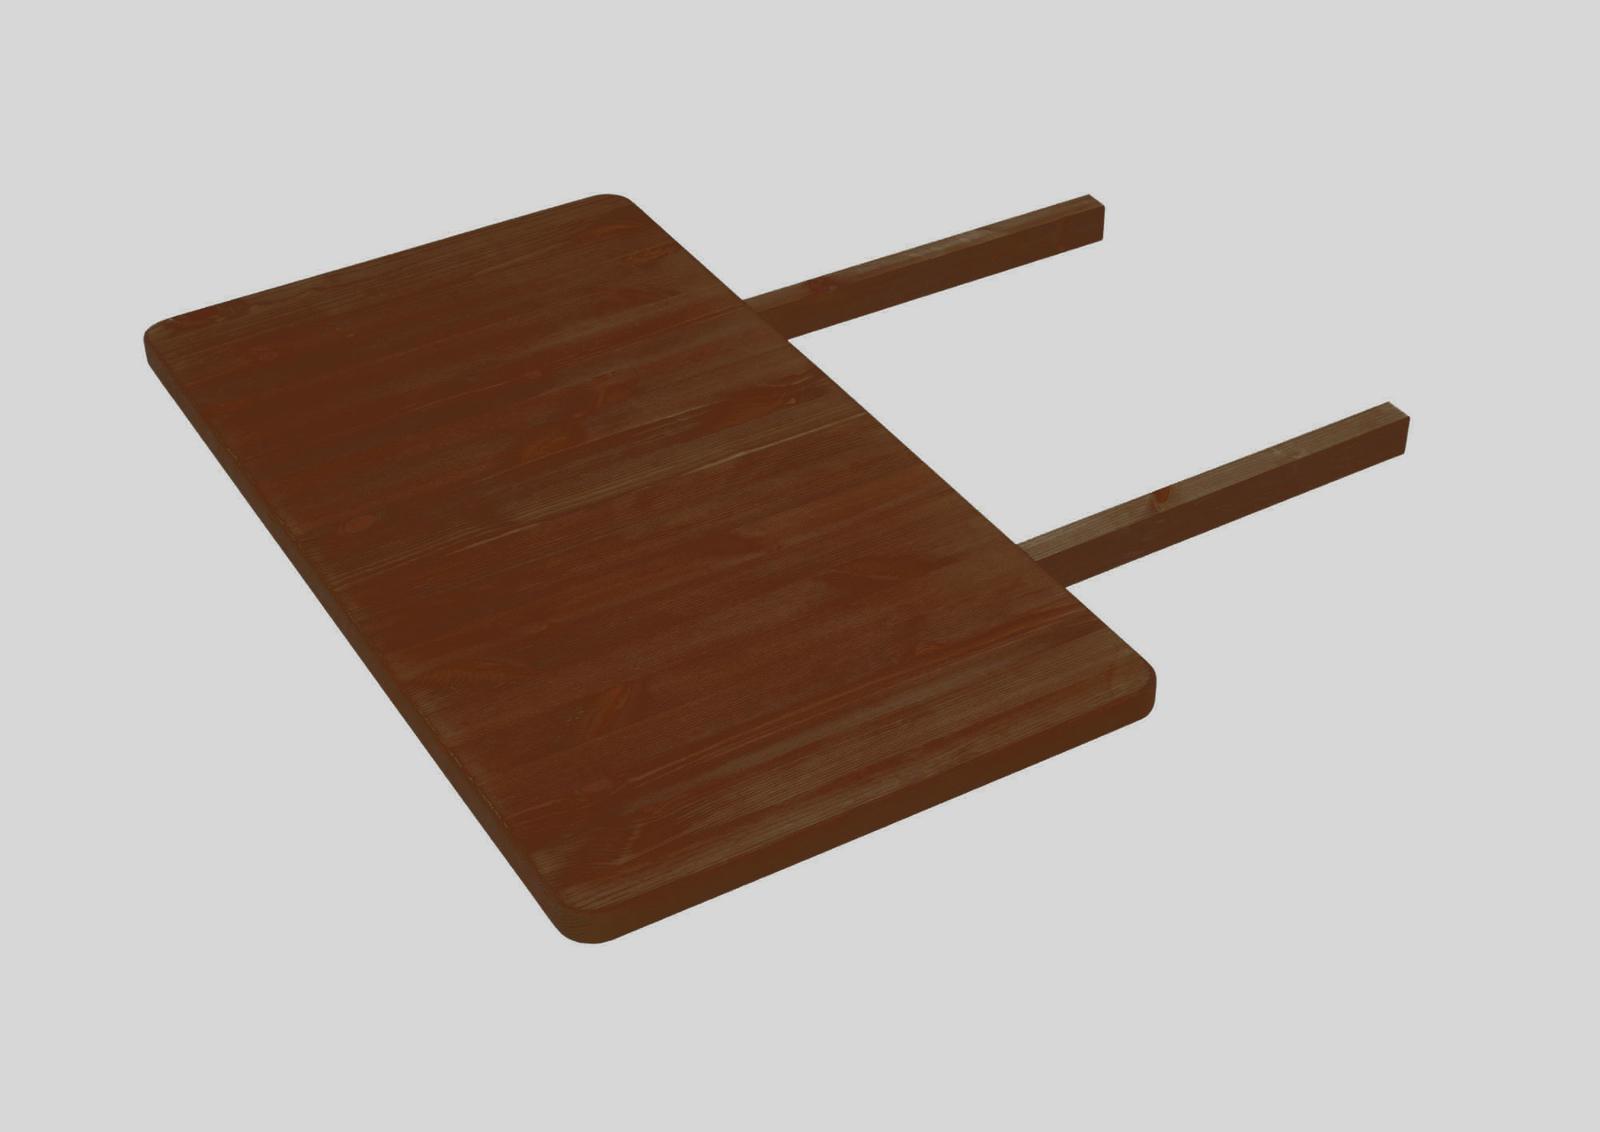 Massivholz Ansteckplatte für Bergen Esstische, Bild 7